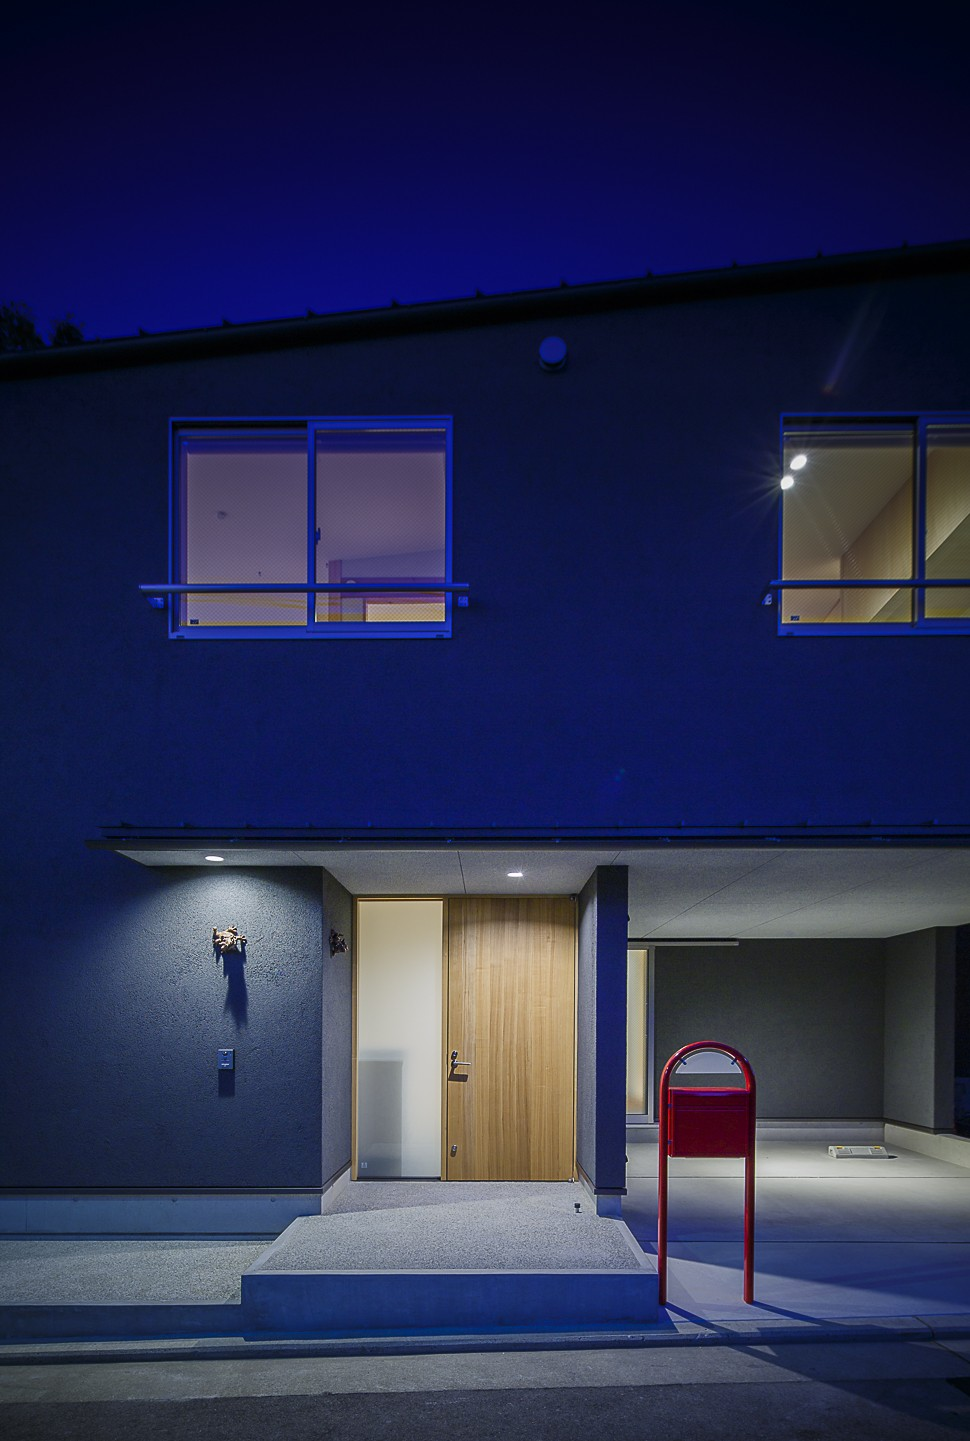 外観事例:エントランス 夜景(緑豊かな公園に隣接|プライバシーを守りながら開放的に住まう Y字路の家)